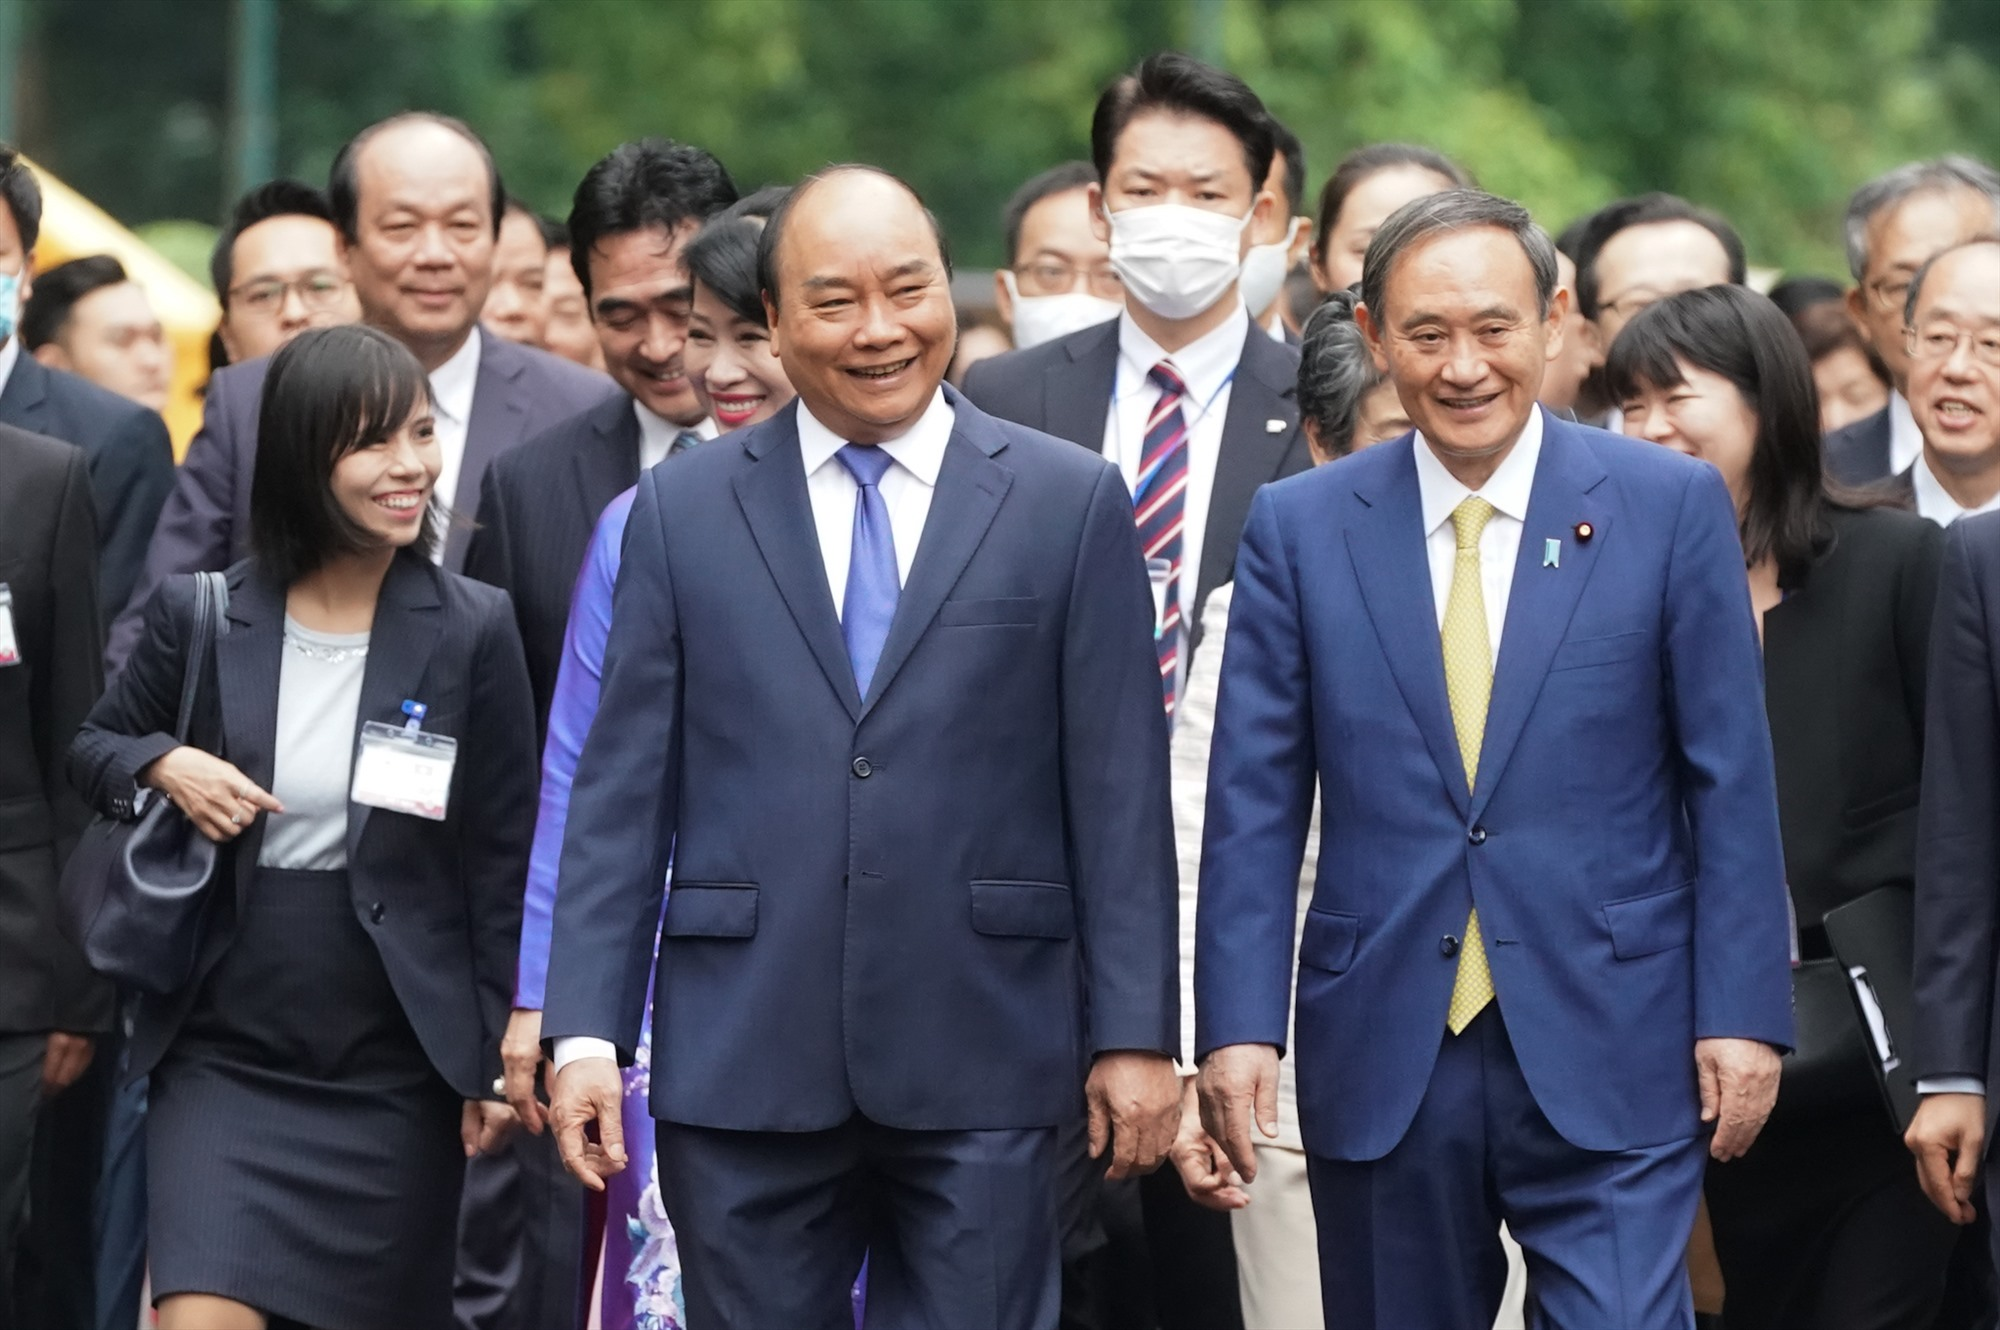 Thủ tướng Nguyễn Xuân Phúc đón Thủ tướng Nhật Bản Suga Yoshihide tại Hà Nội tháng 10/2020.